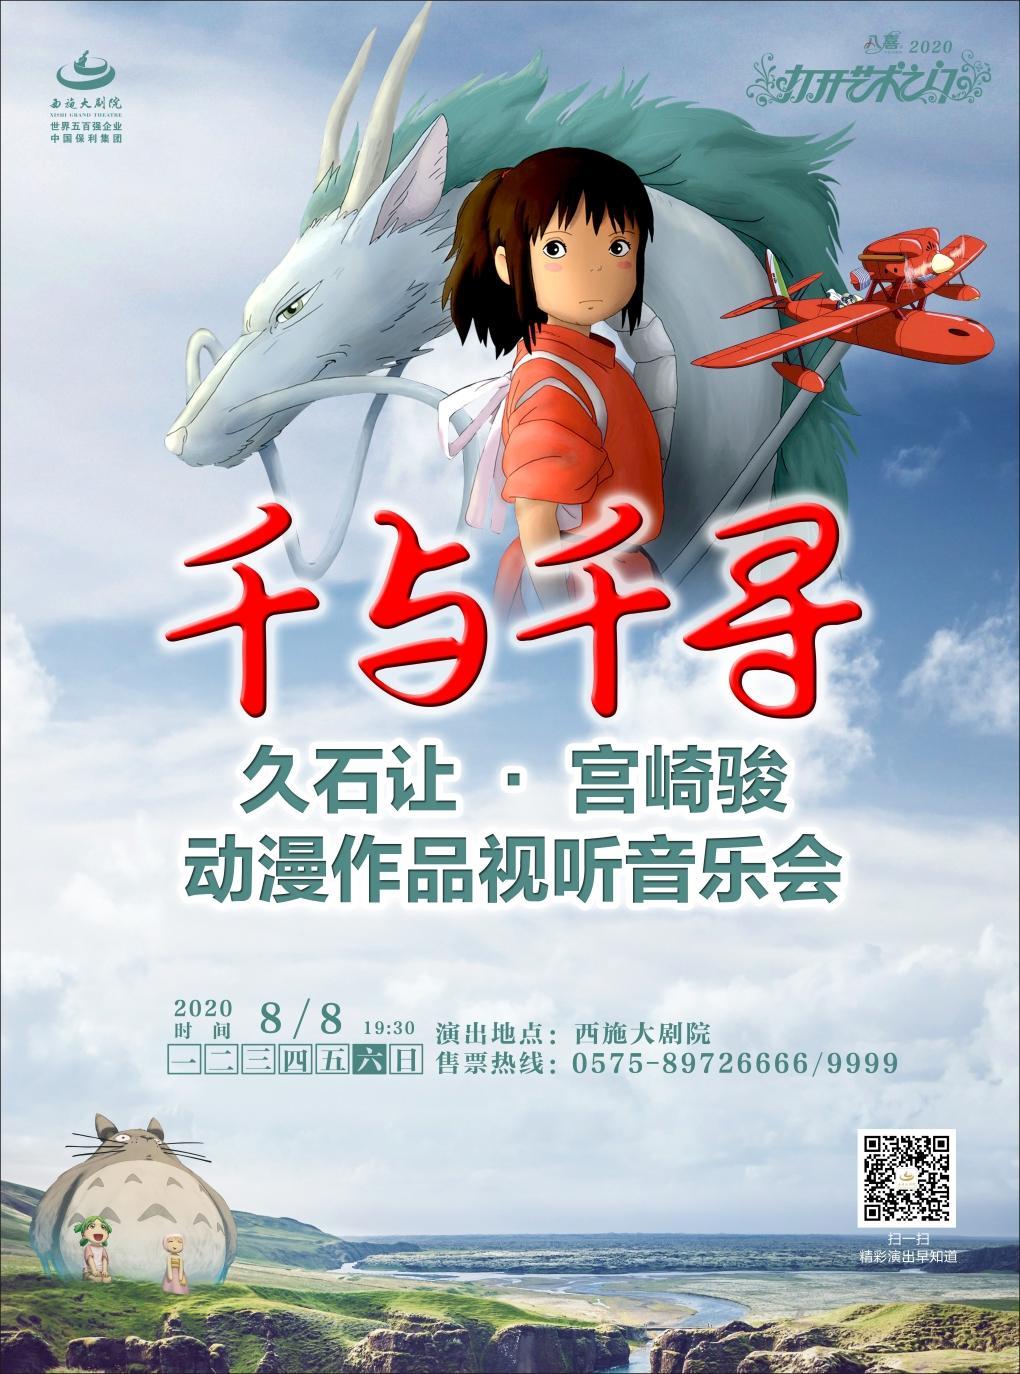 《千与千寻-久石让·宫崎骏系列音乐会》